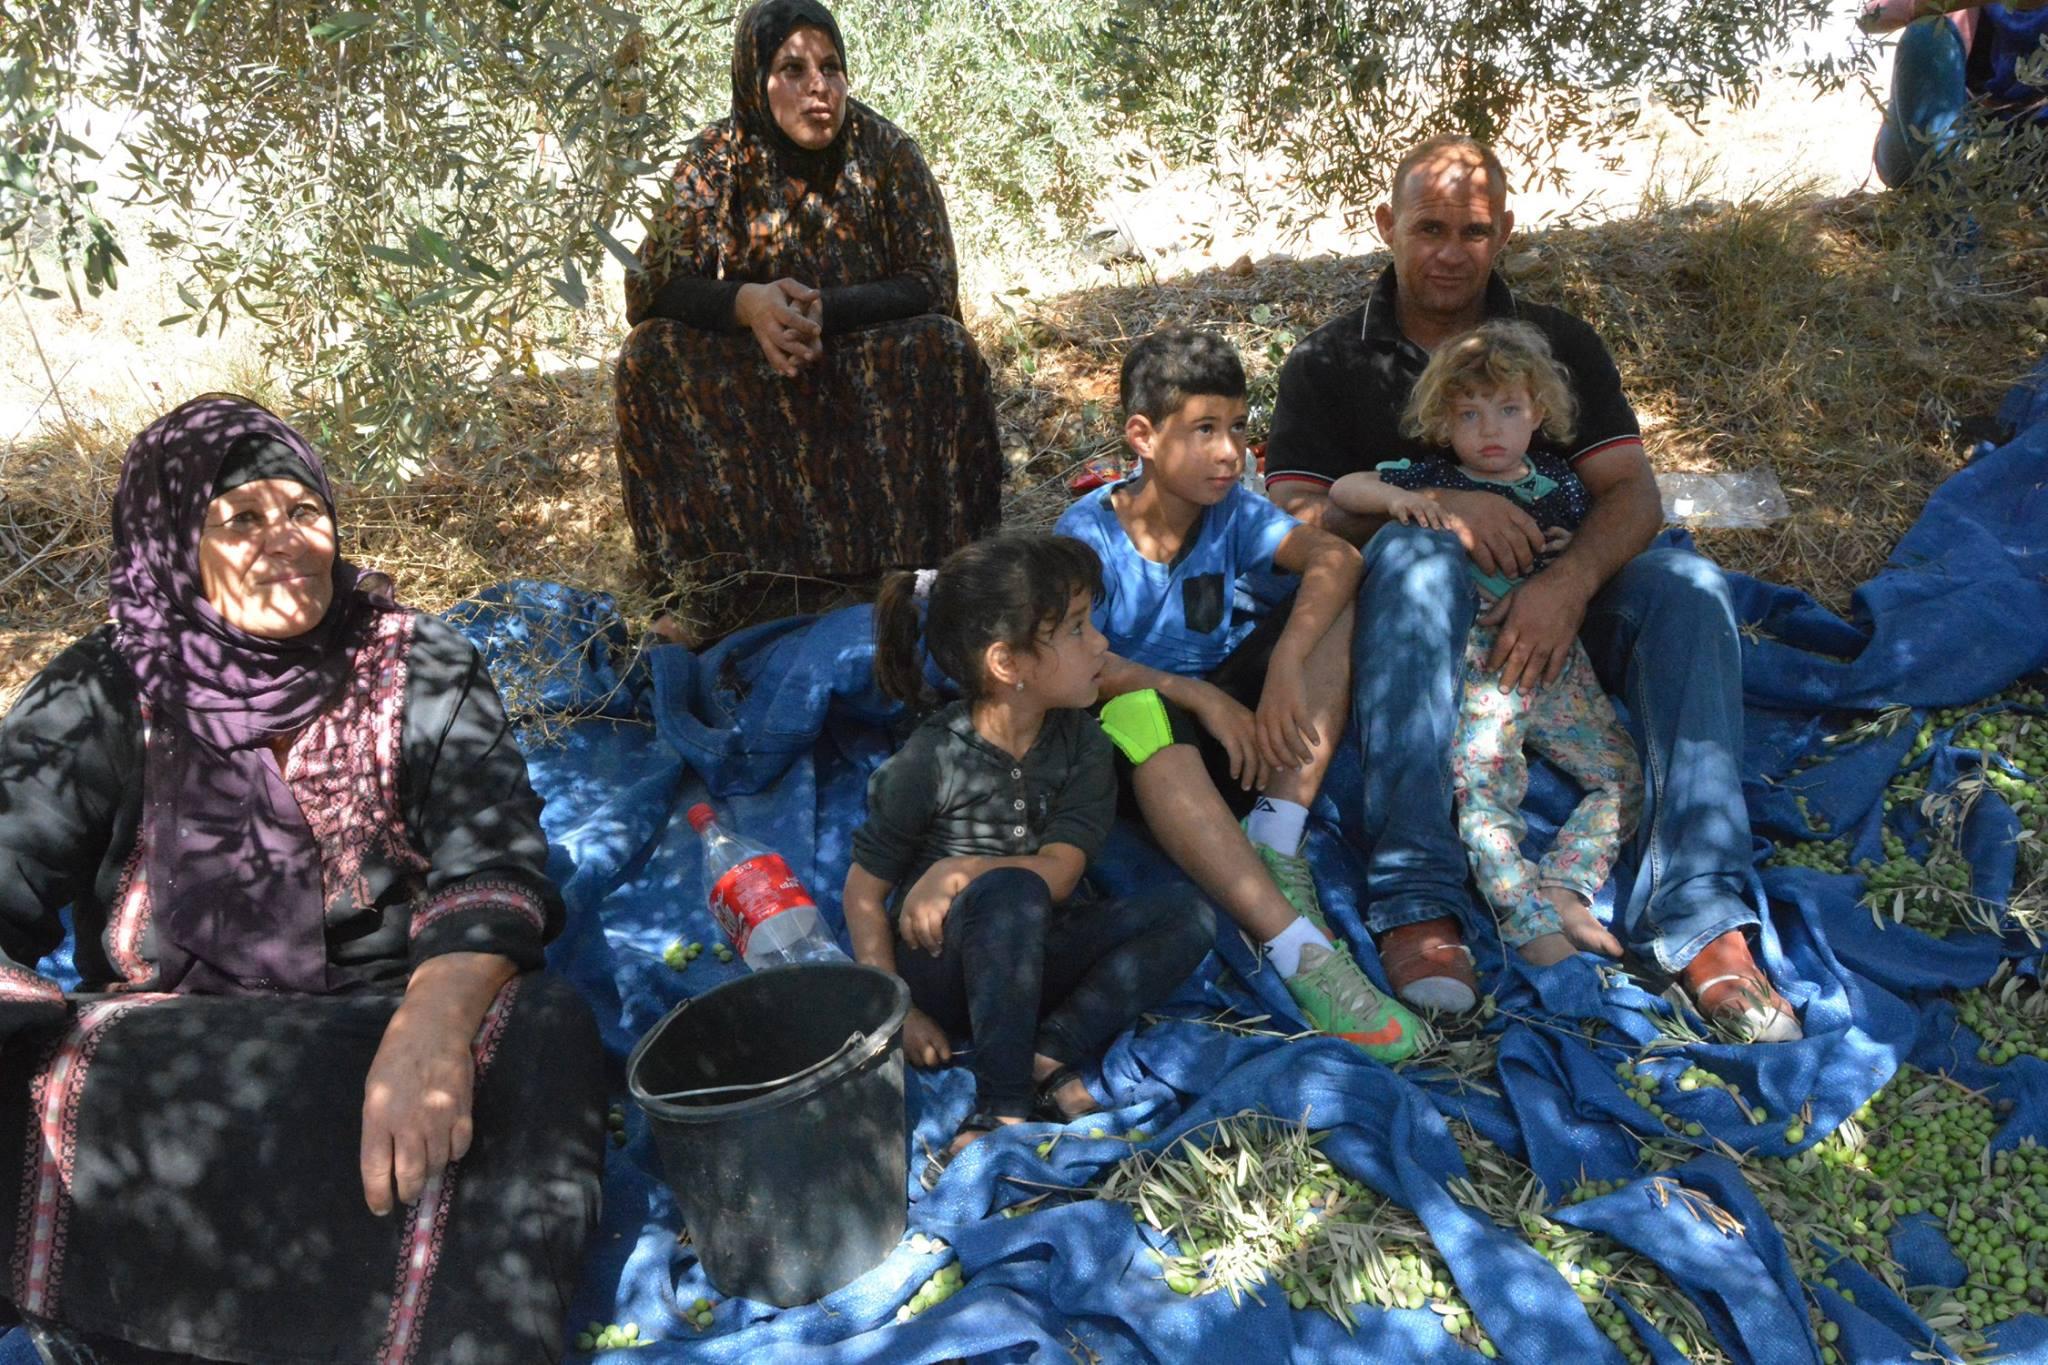 Ramassage des olives dans la famille de Bassem, Bil'in